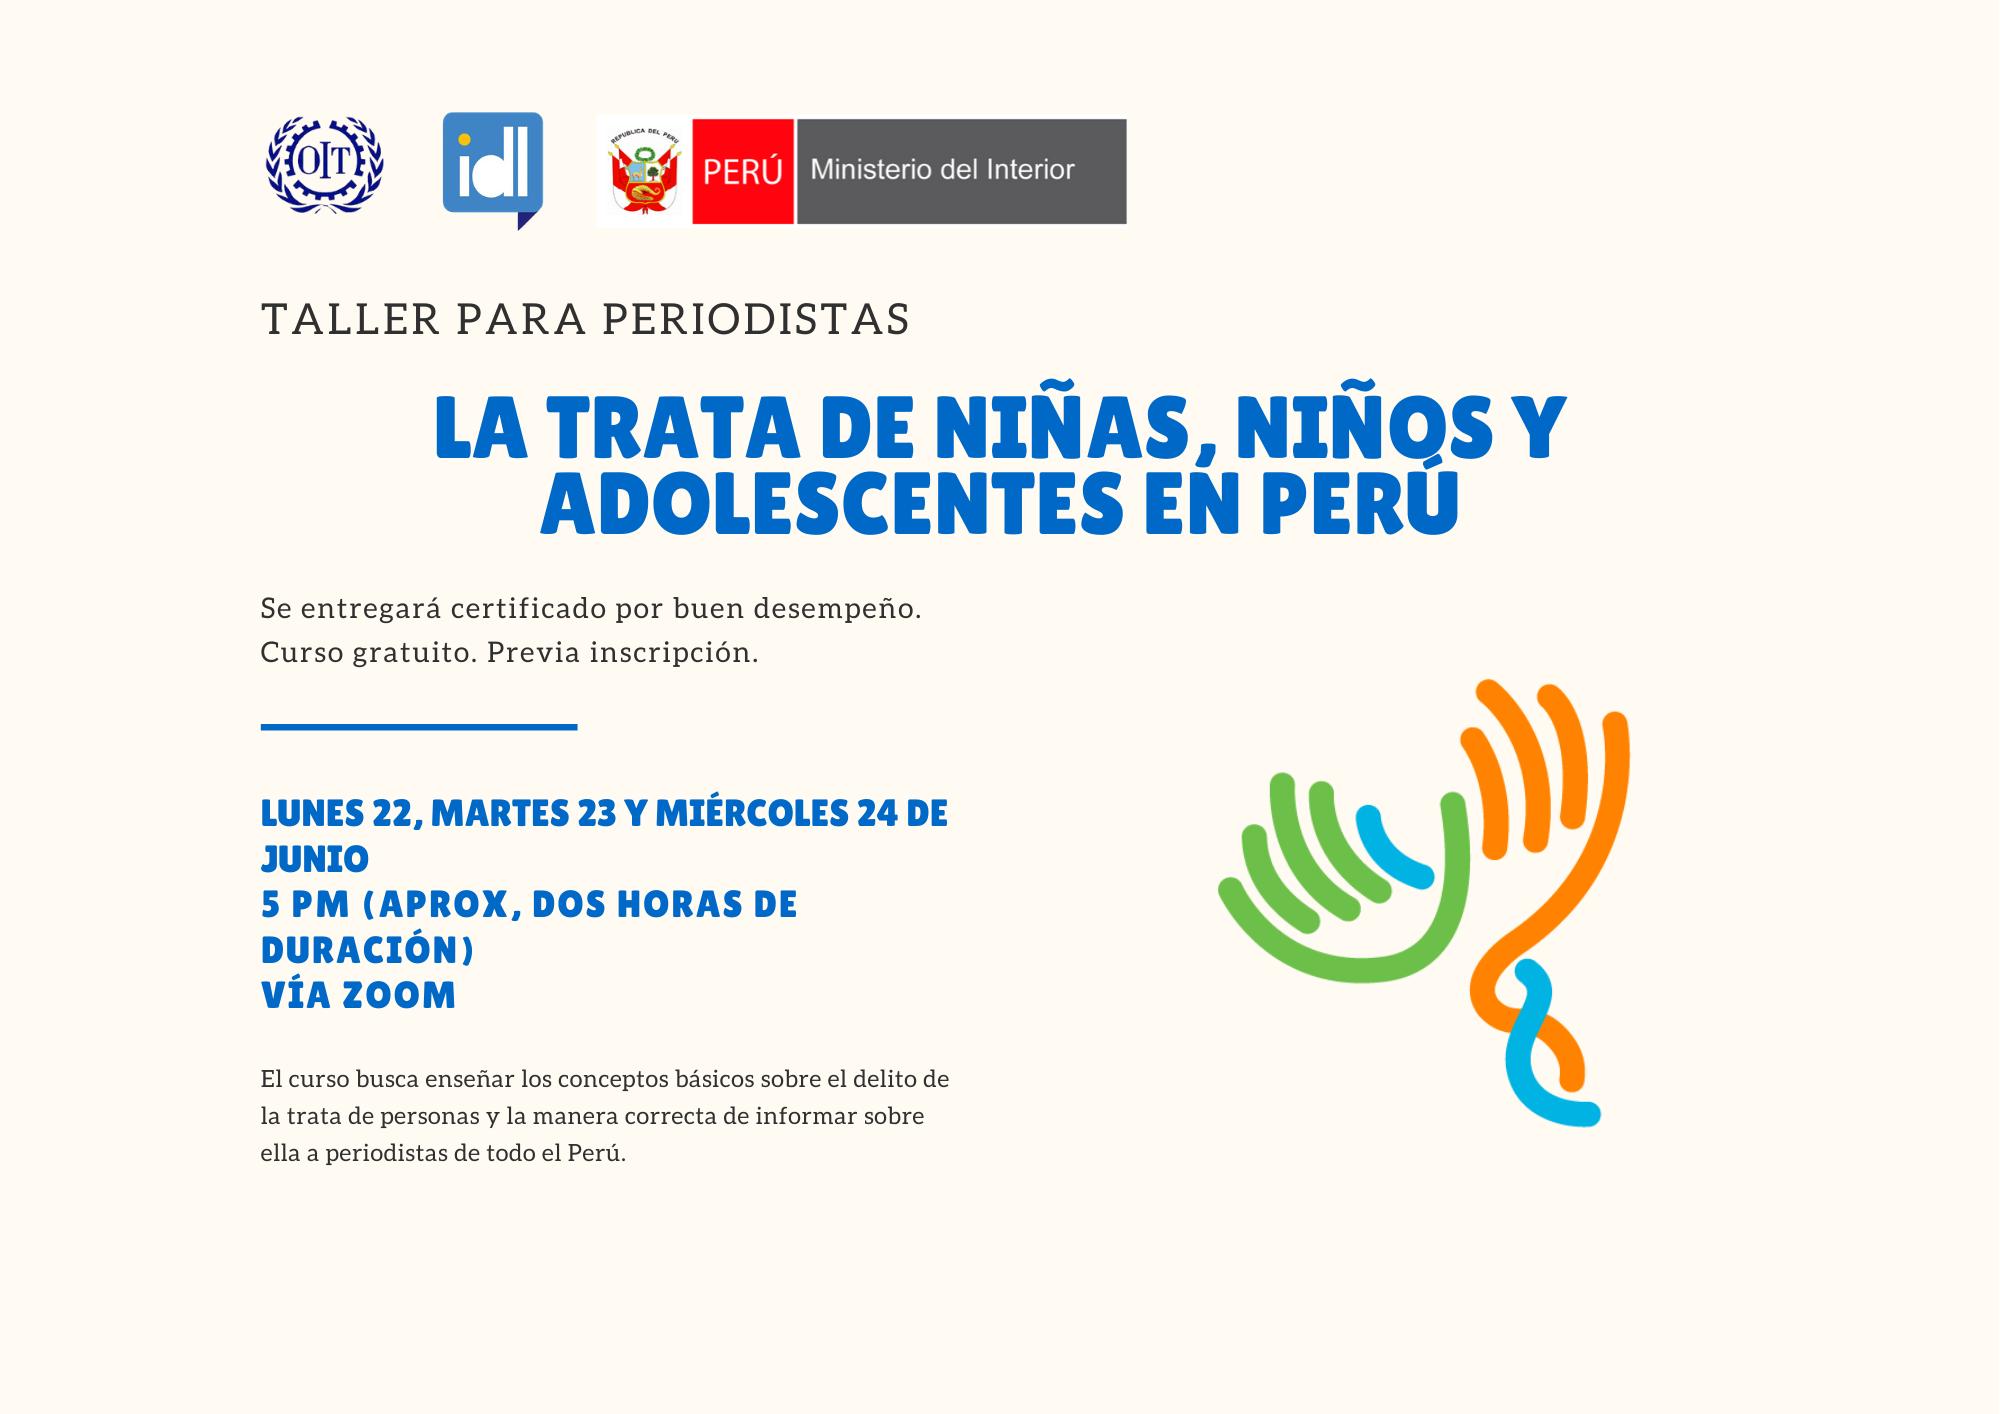 Inscríbete al Taller para periodistas: Trata de personas en niños, niñas y adolescentes